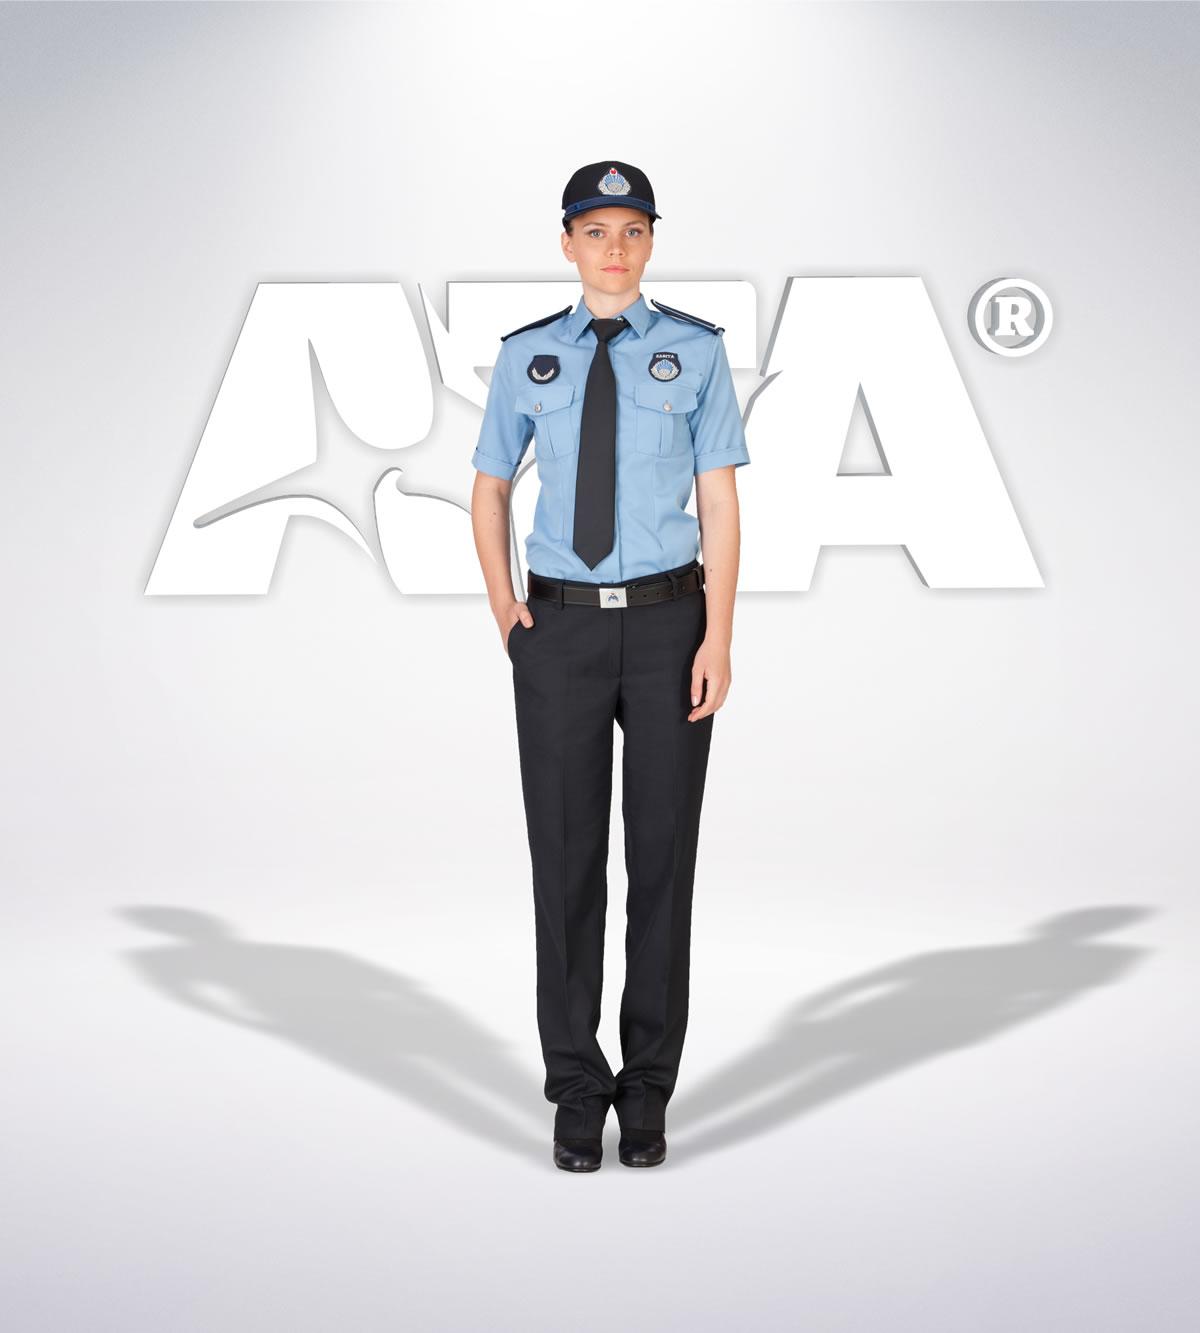 ATA 206 - Pantolon yazlık - gömlek yazlık kışlık - aksesuar - zabıta elbiseleri | zabıta üniformaları | zabıta kıyafetleri